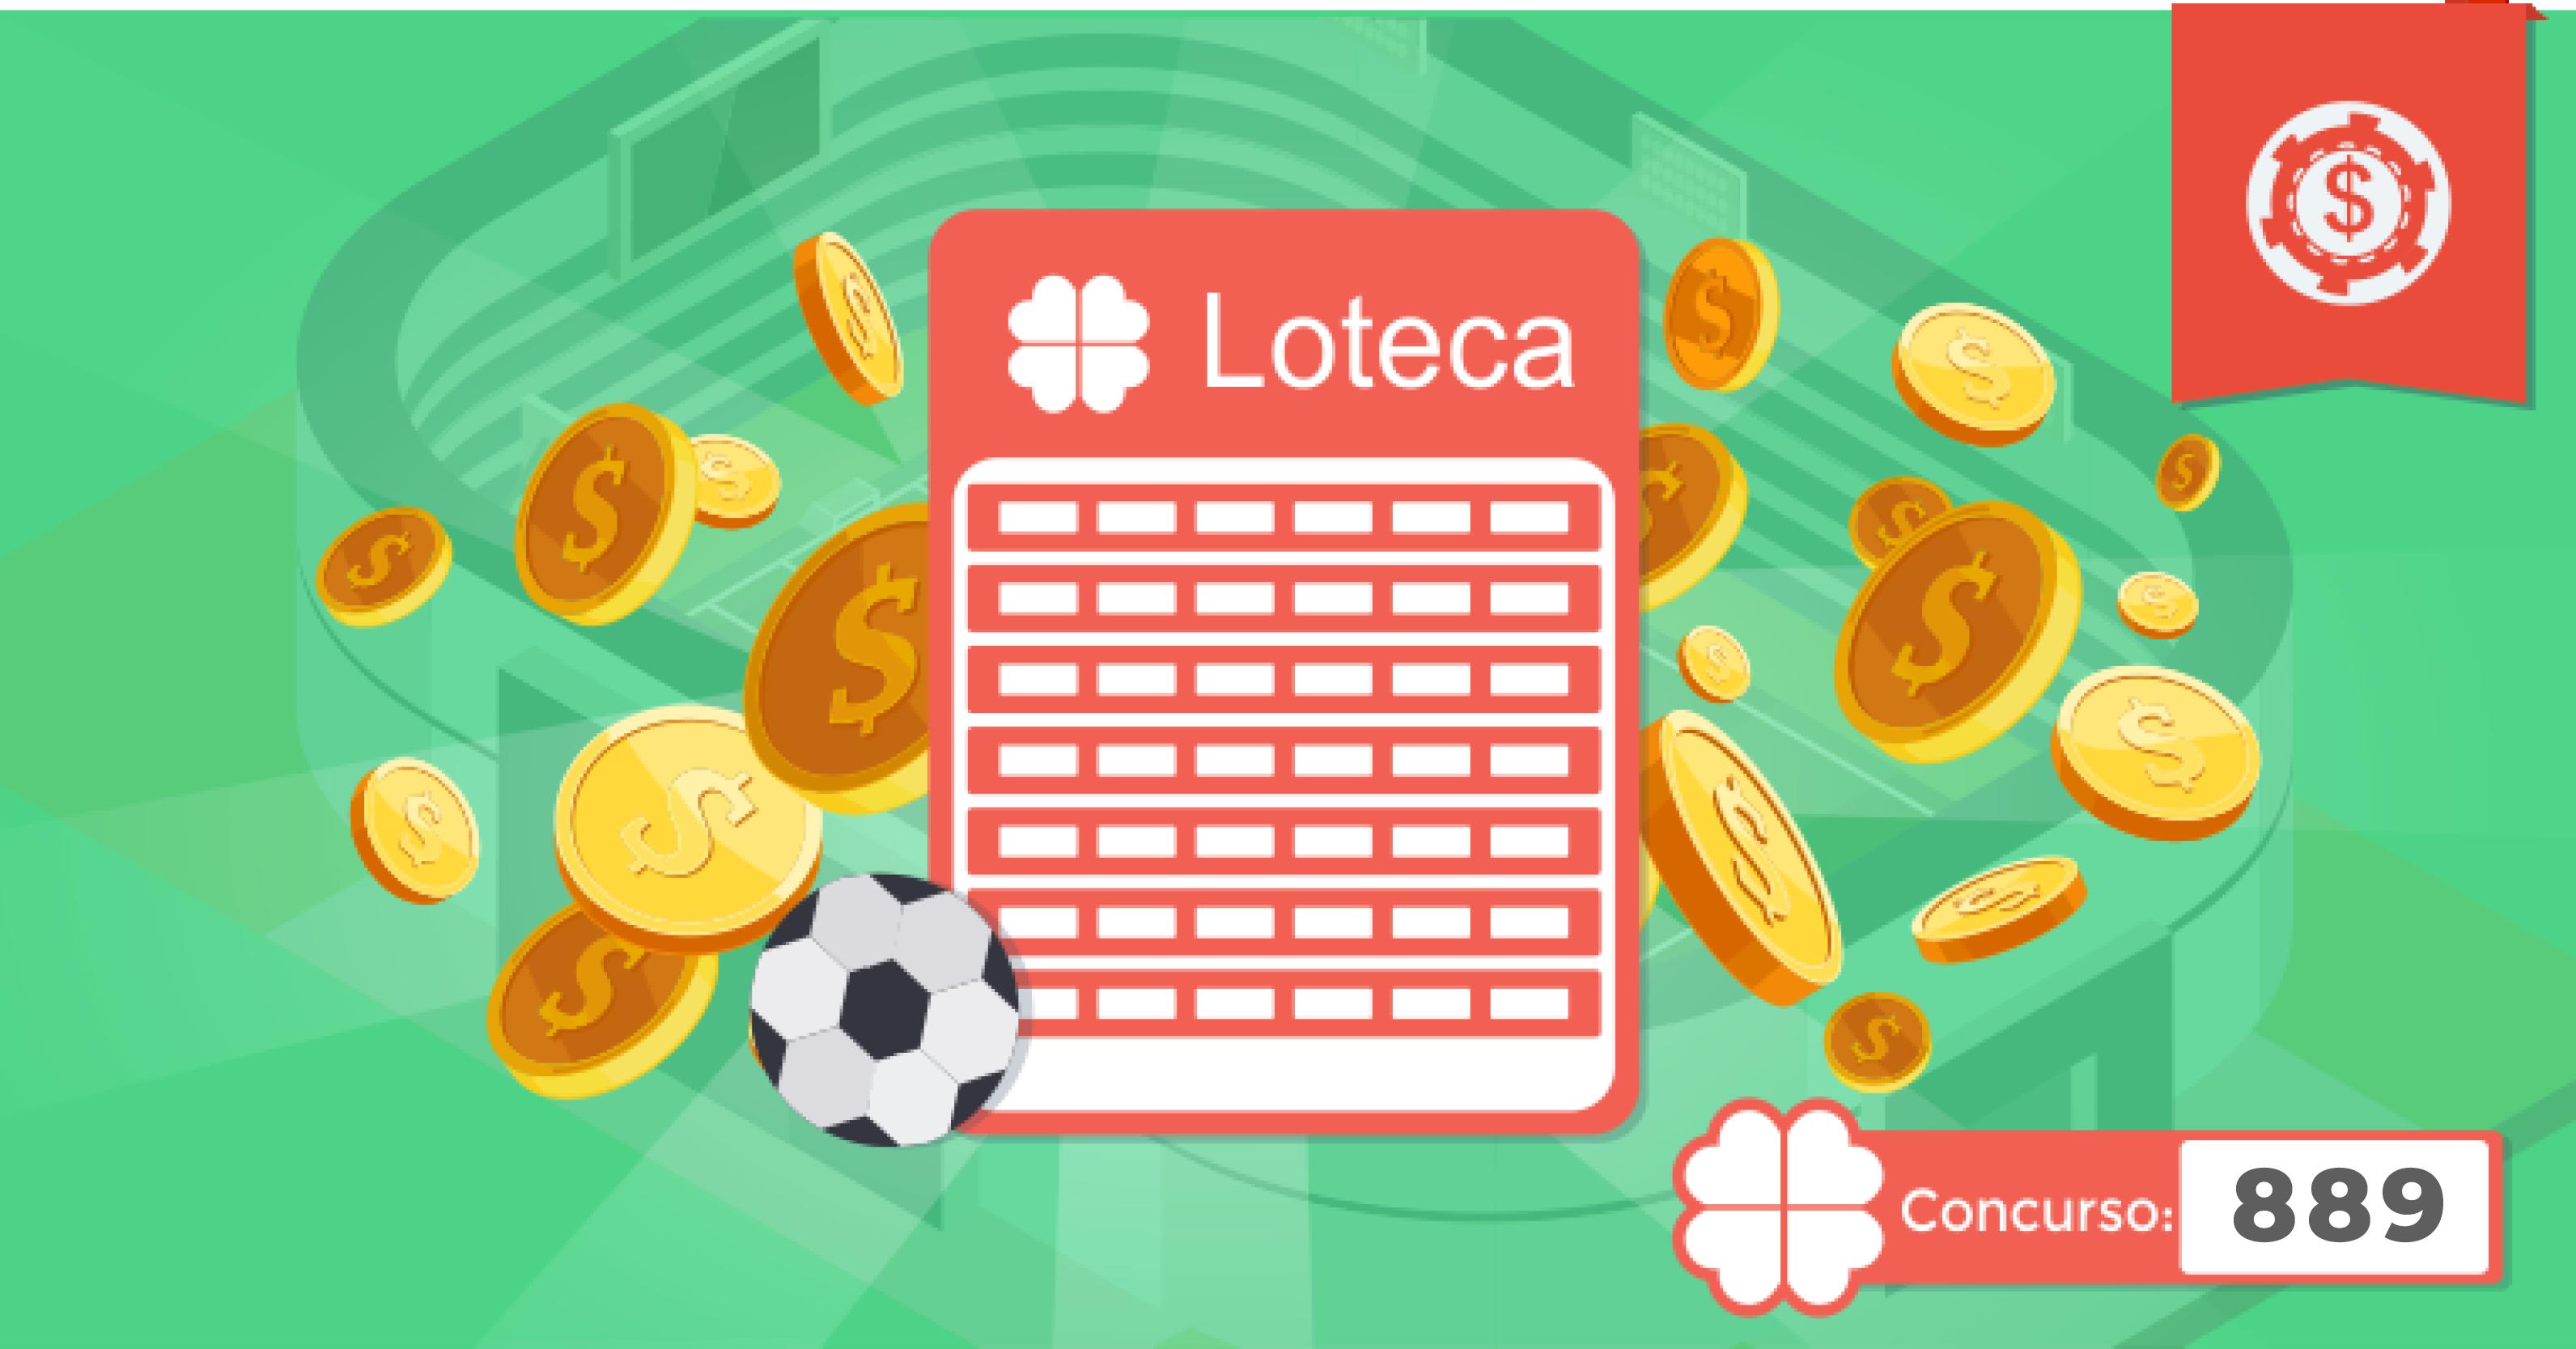 palpites-loteca-889-palpites-loteca-semana